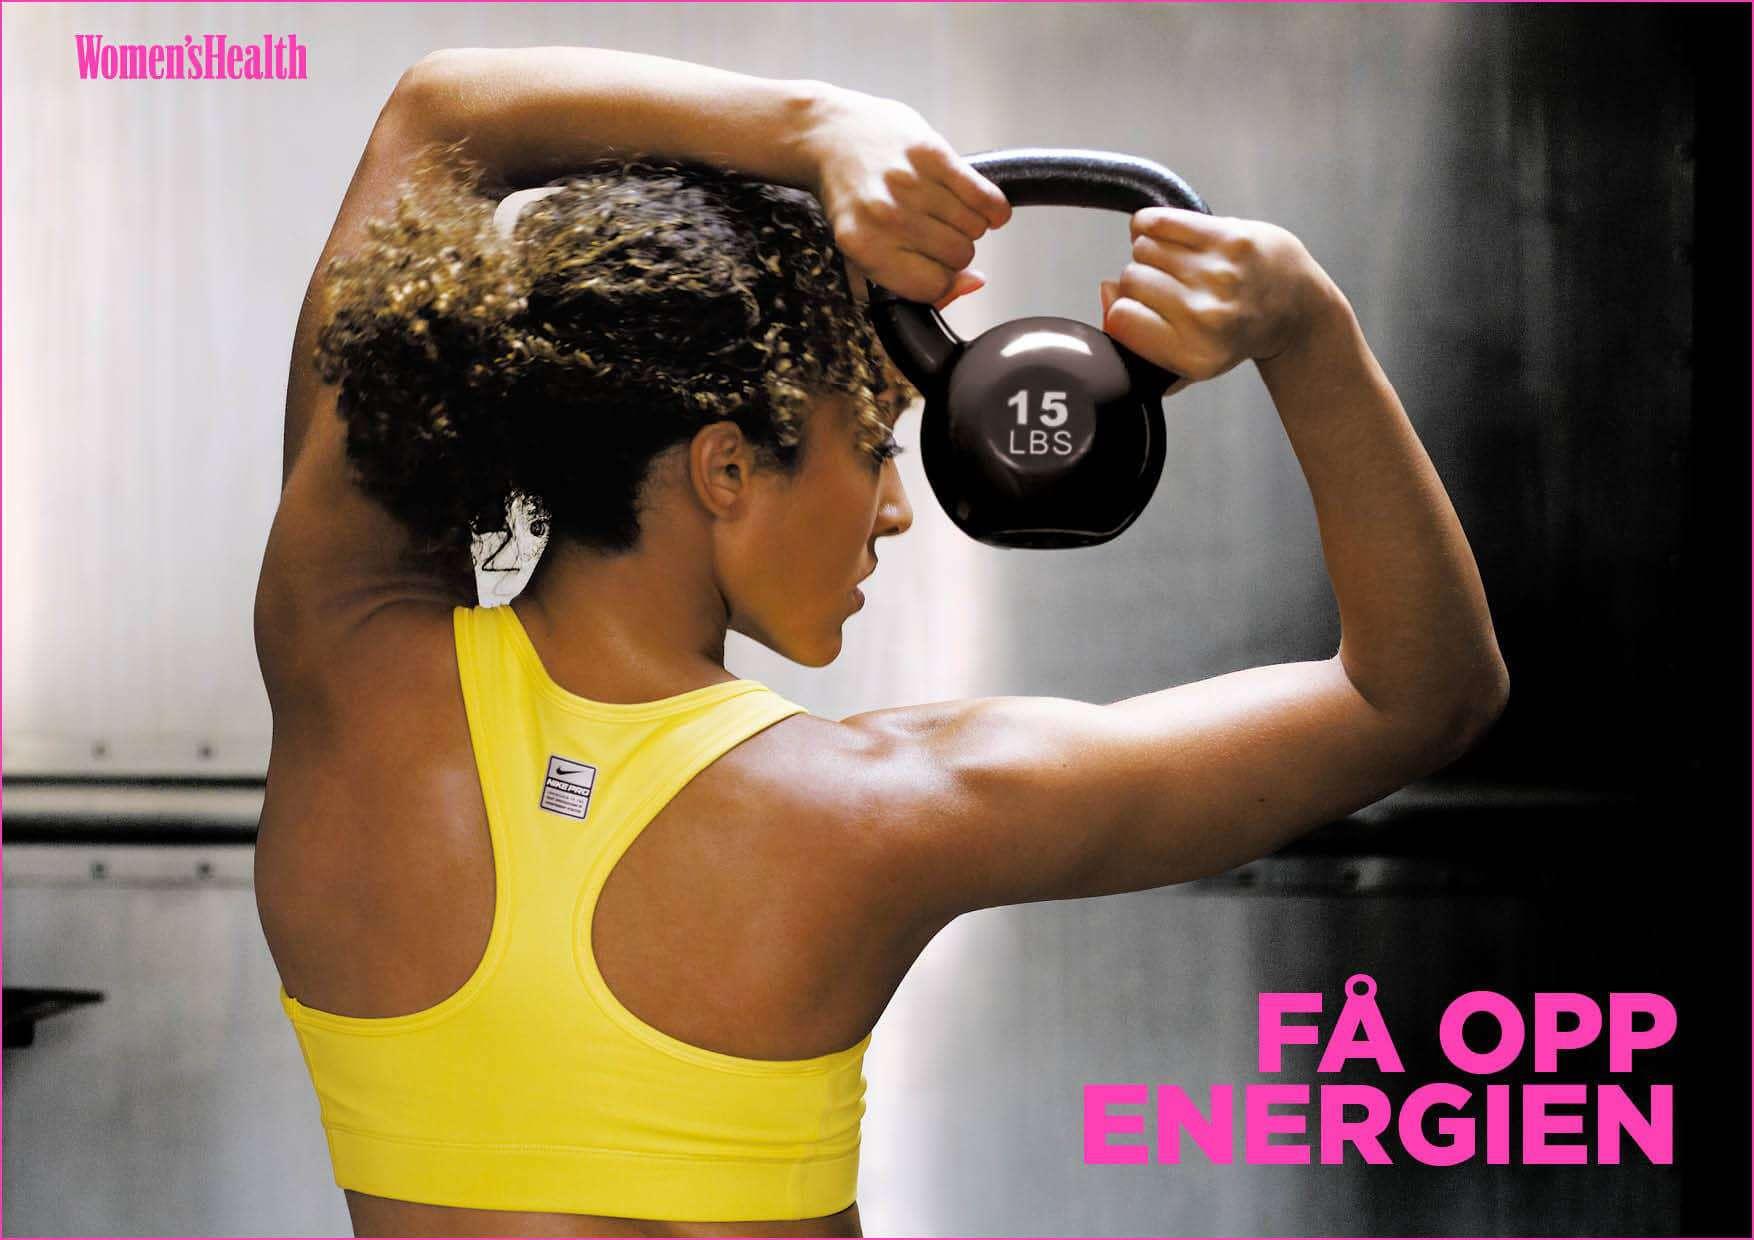 Få opp energien